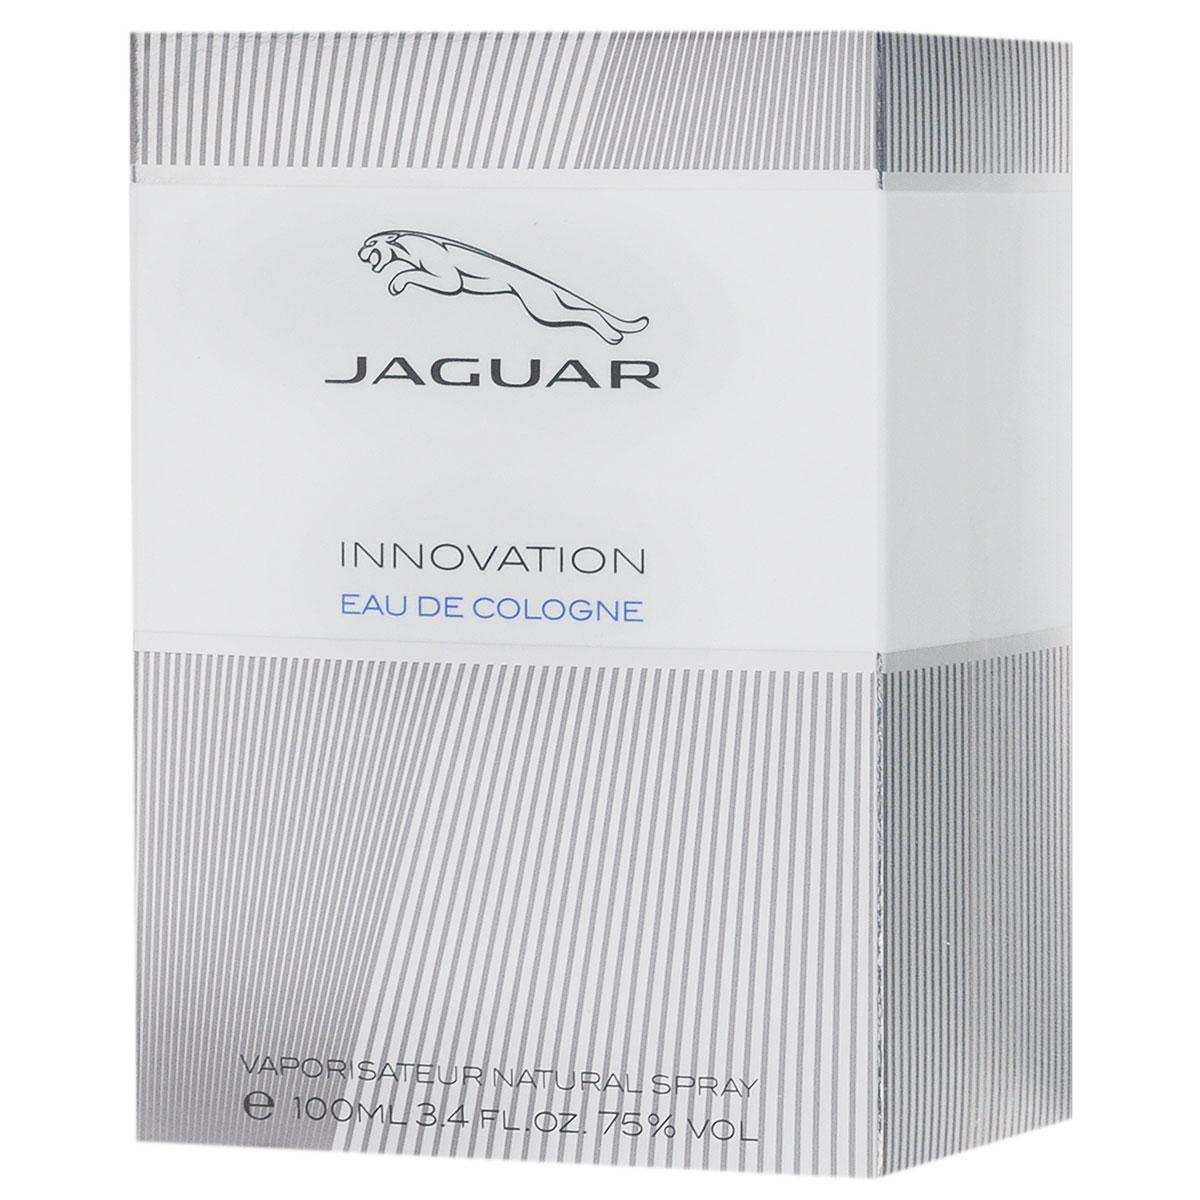 Jaguar Innovation Одеколон мужской 100 млMN-900WВеликолепный аромат открывается игристыми нотами бергамота и мандарина, приправленными нотами кориандра. Богатые ноты сердца состоят из чувственного ириса, пачули и кедровых нот, придающих аромату насыщенность и стойкость. Композиция завершается аккордами кожи, мускуса и ванили, тем самым, создавая прекрасную подпись для джентльмена. Семейство ароматов: Древесно-Цитрусовый Парфюмер: Michel Almairac, Robertet, Paris Год выпуска: 2014 Начальная нота: Бергамот, Мандарин, Кориандр Ноты сердца: Ирис, Пачули, Кедровое дерево Базовые ноты: Кожа, Мускус, Ваниль